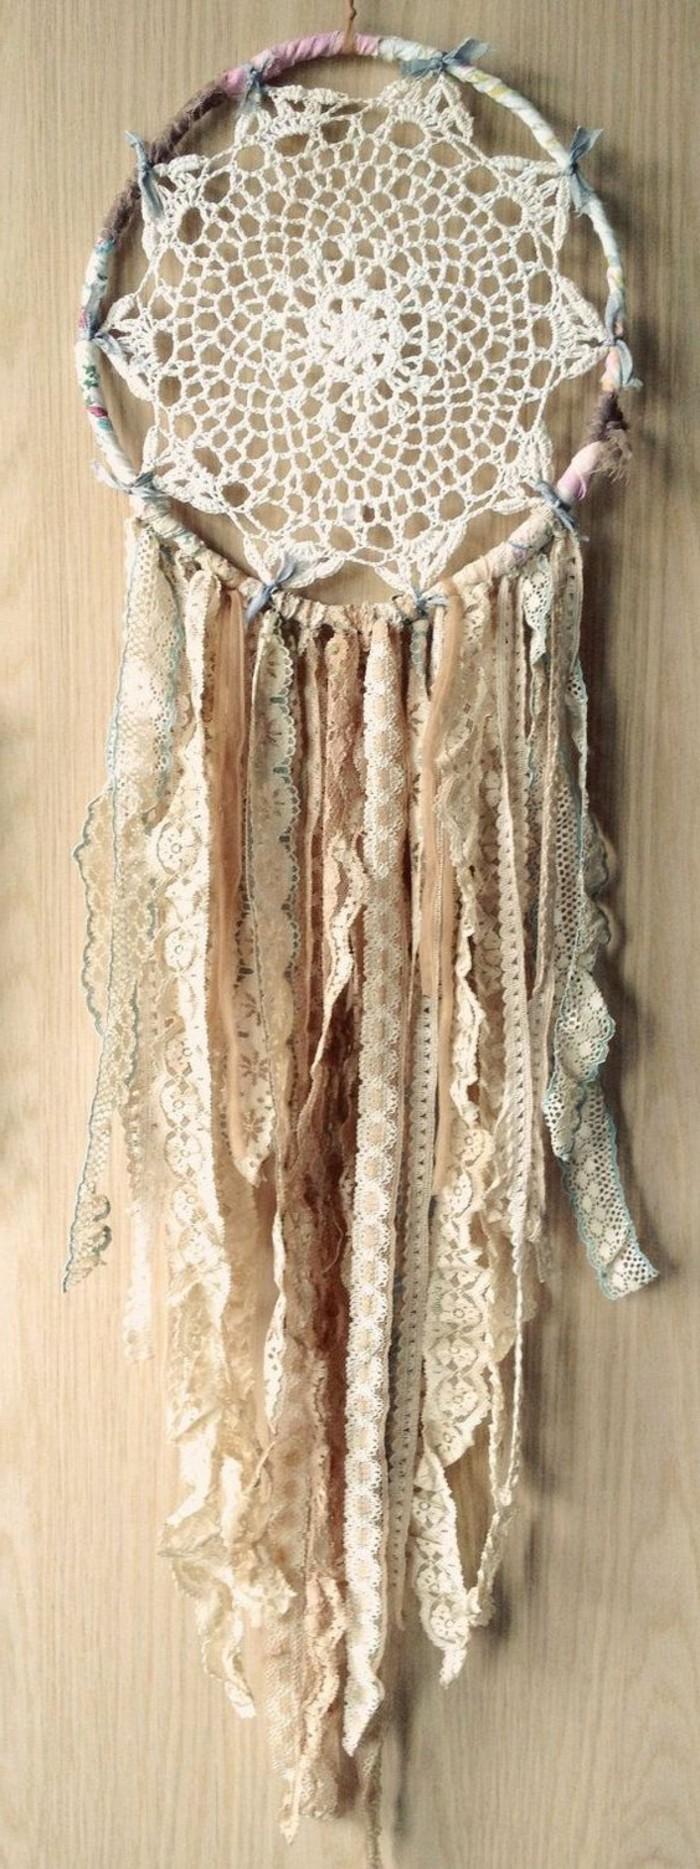 un'idea per come costruire un acchiappasogni usando del pizzi e delle strisce di tessuto decorate